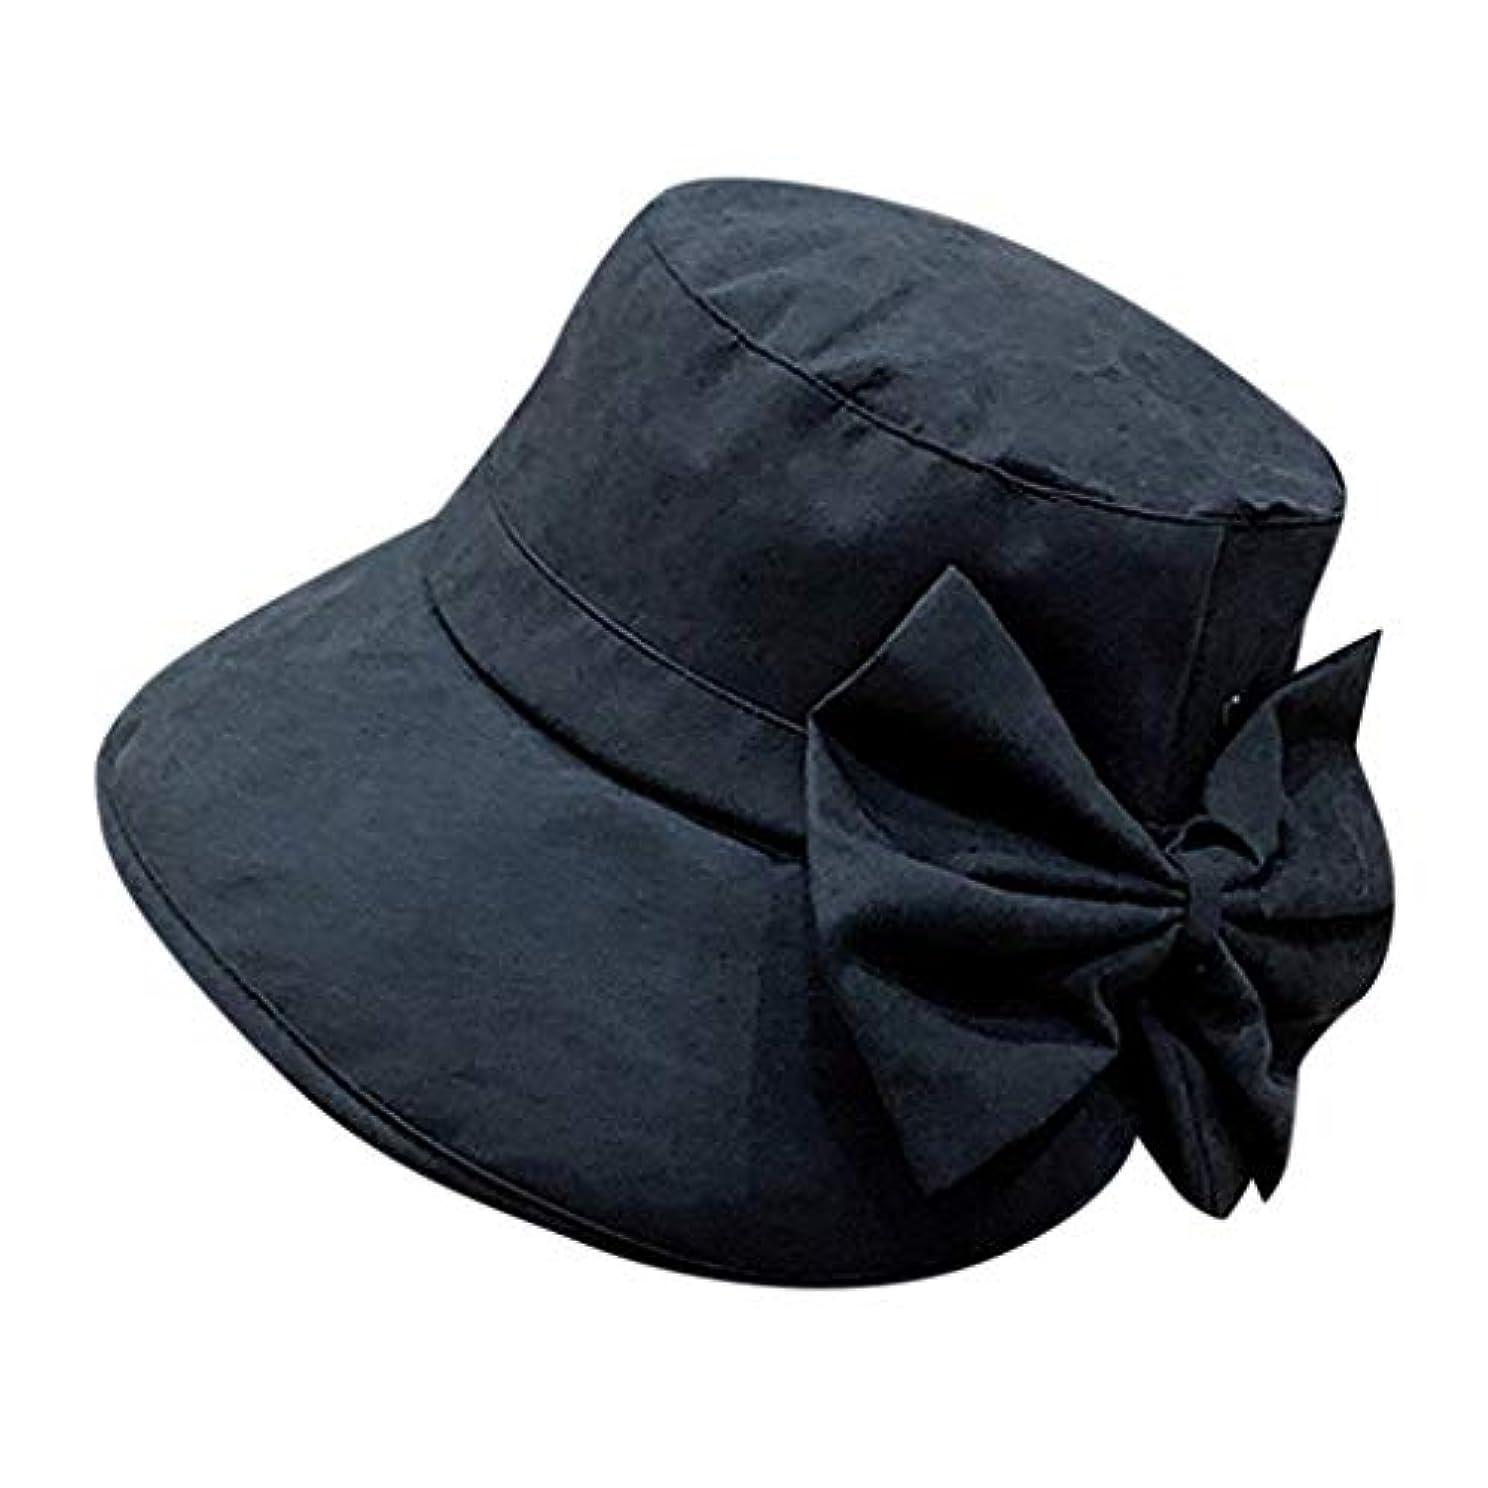 精神レガシーバース女性 帽子 レディース UVカット ハット女の子 つば広い 漁師帽 女優帽 小顔効果 紫外線 対策 レディース 蝶結び UV 加工 リボン ハット ビーチ 日よけ テント ビーチサンダル ベレー帽 ROSE ROMAN